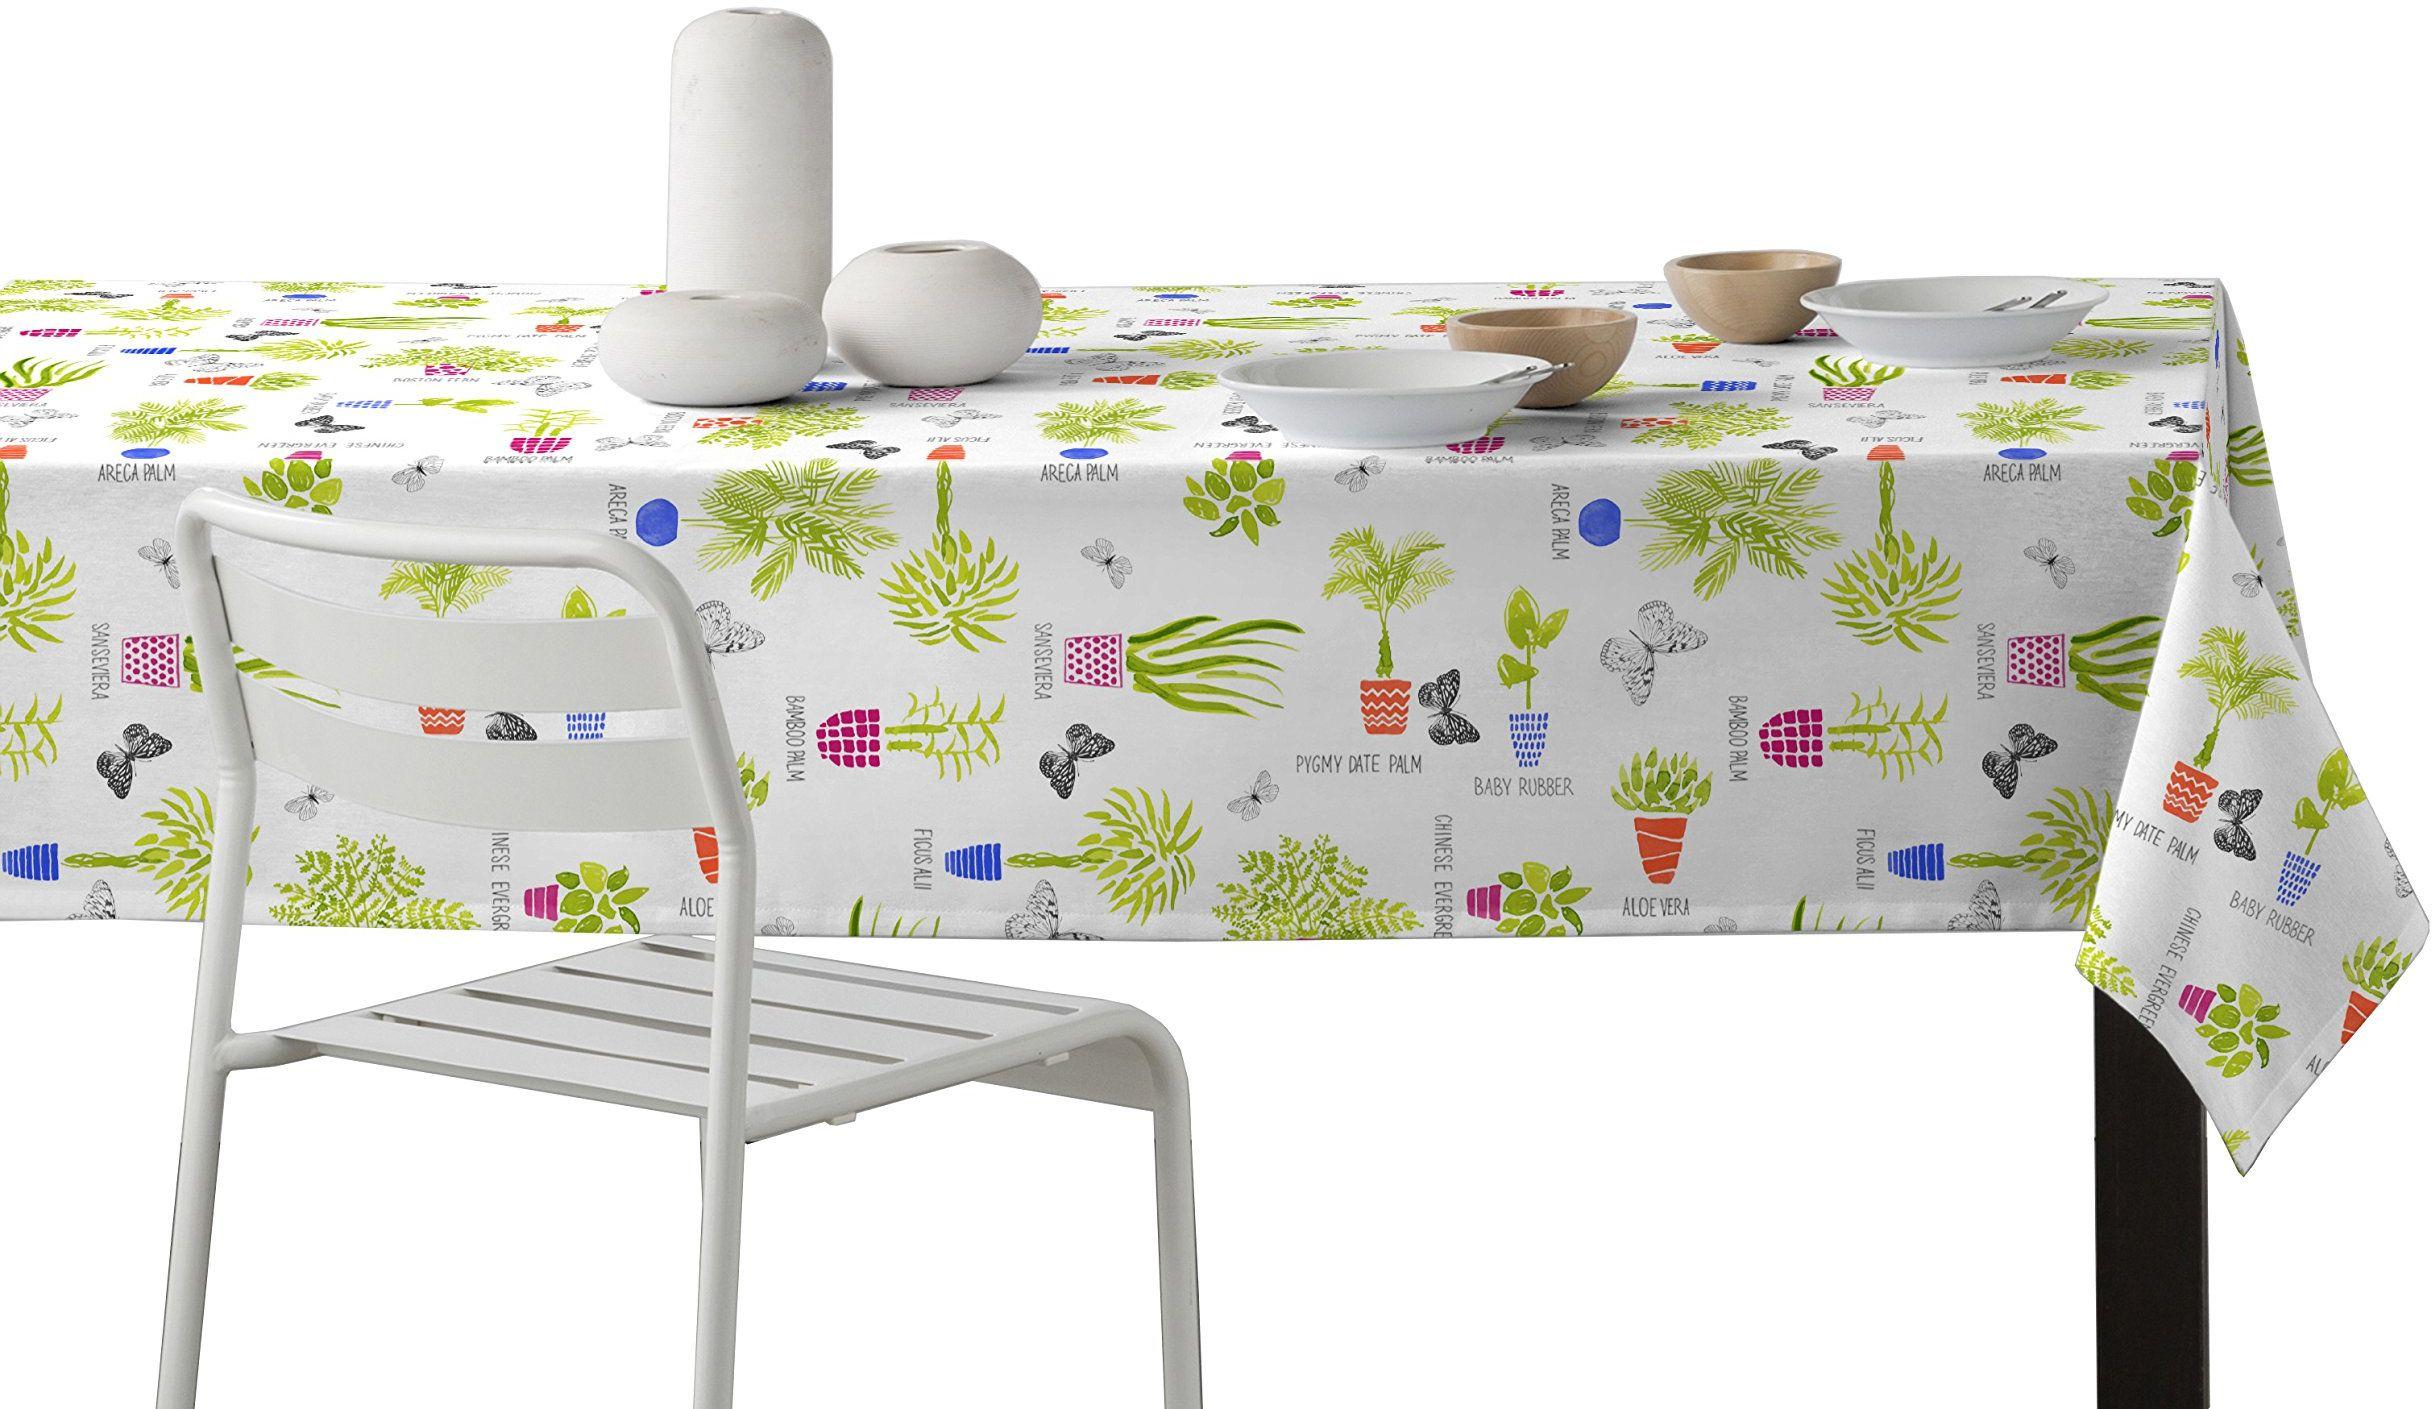 Martina Home doniczka na kwiaty, obrus Resinado, tkanina, wielokolorowa, 29 x 2 x 40 cm